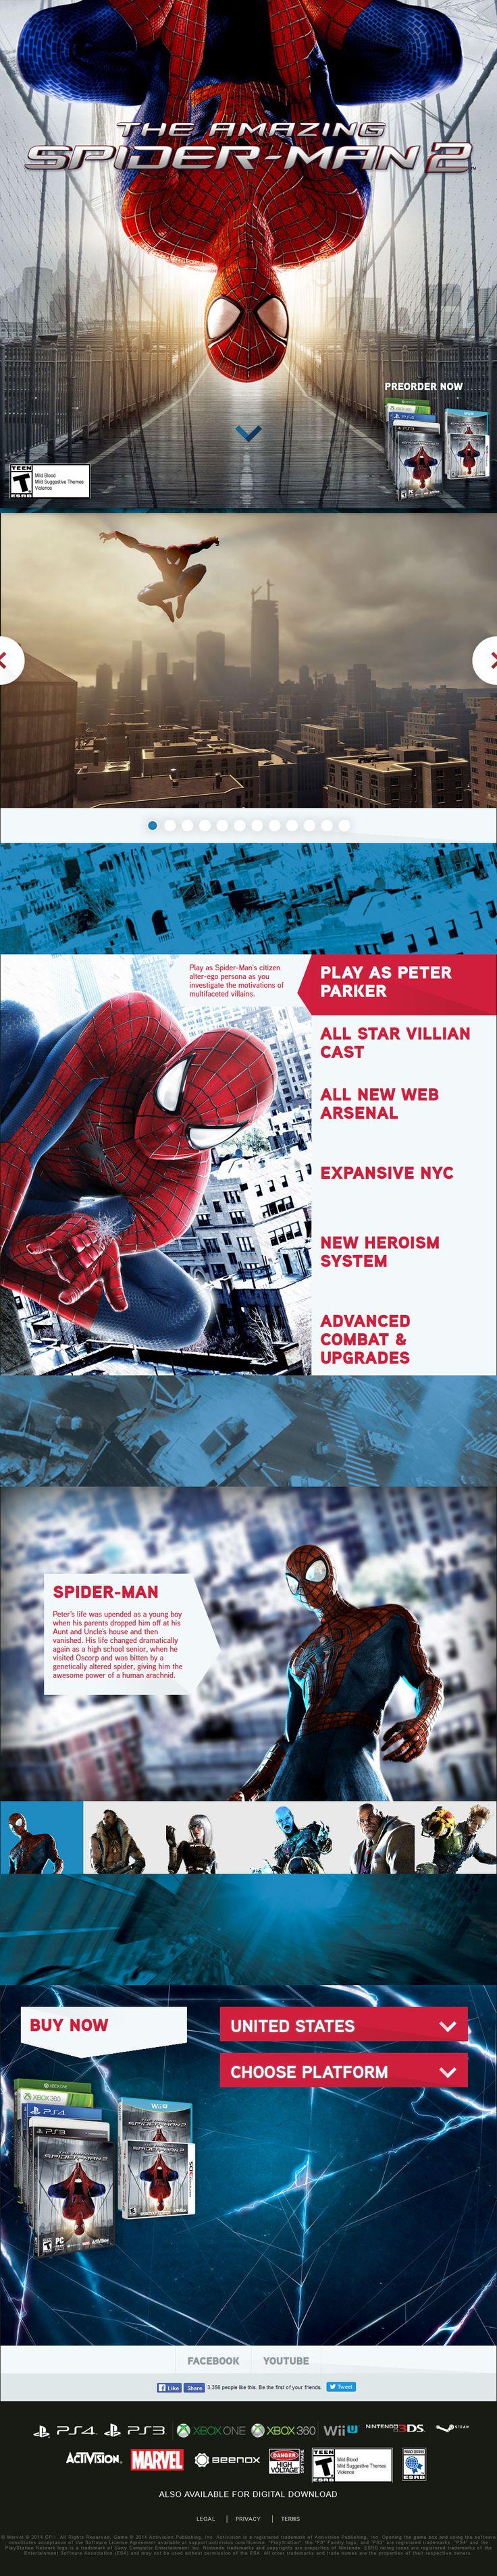 The Amazing Spider Man 2(English) #WebDesign